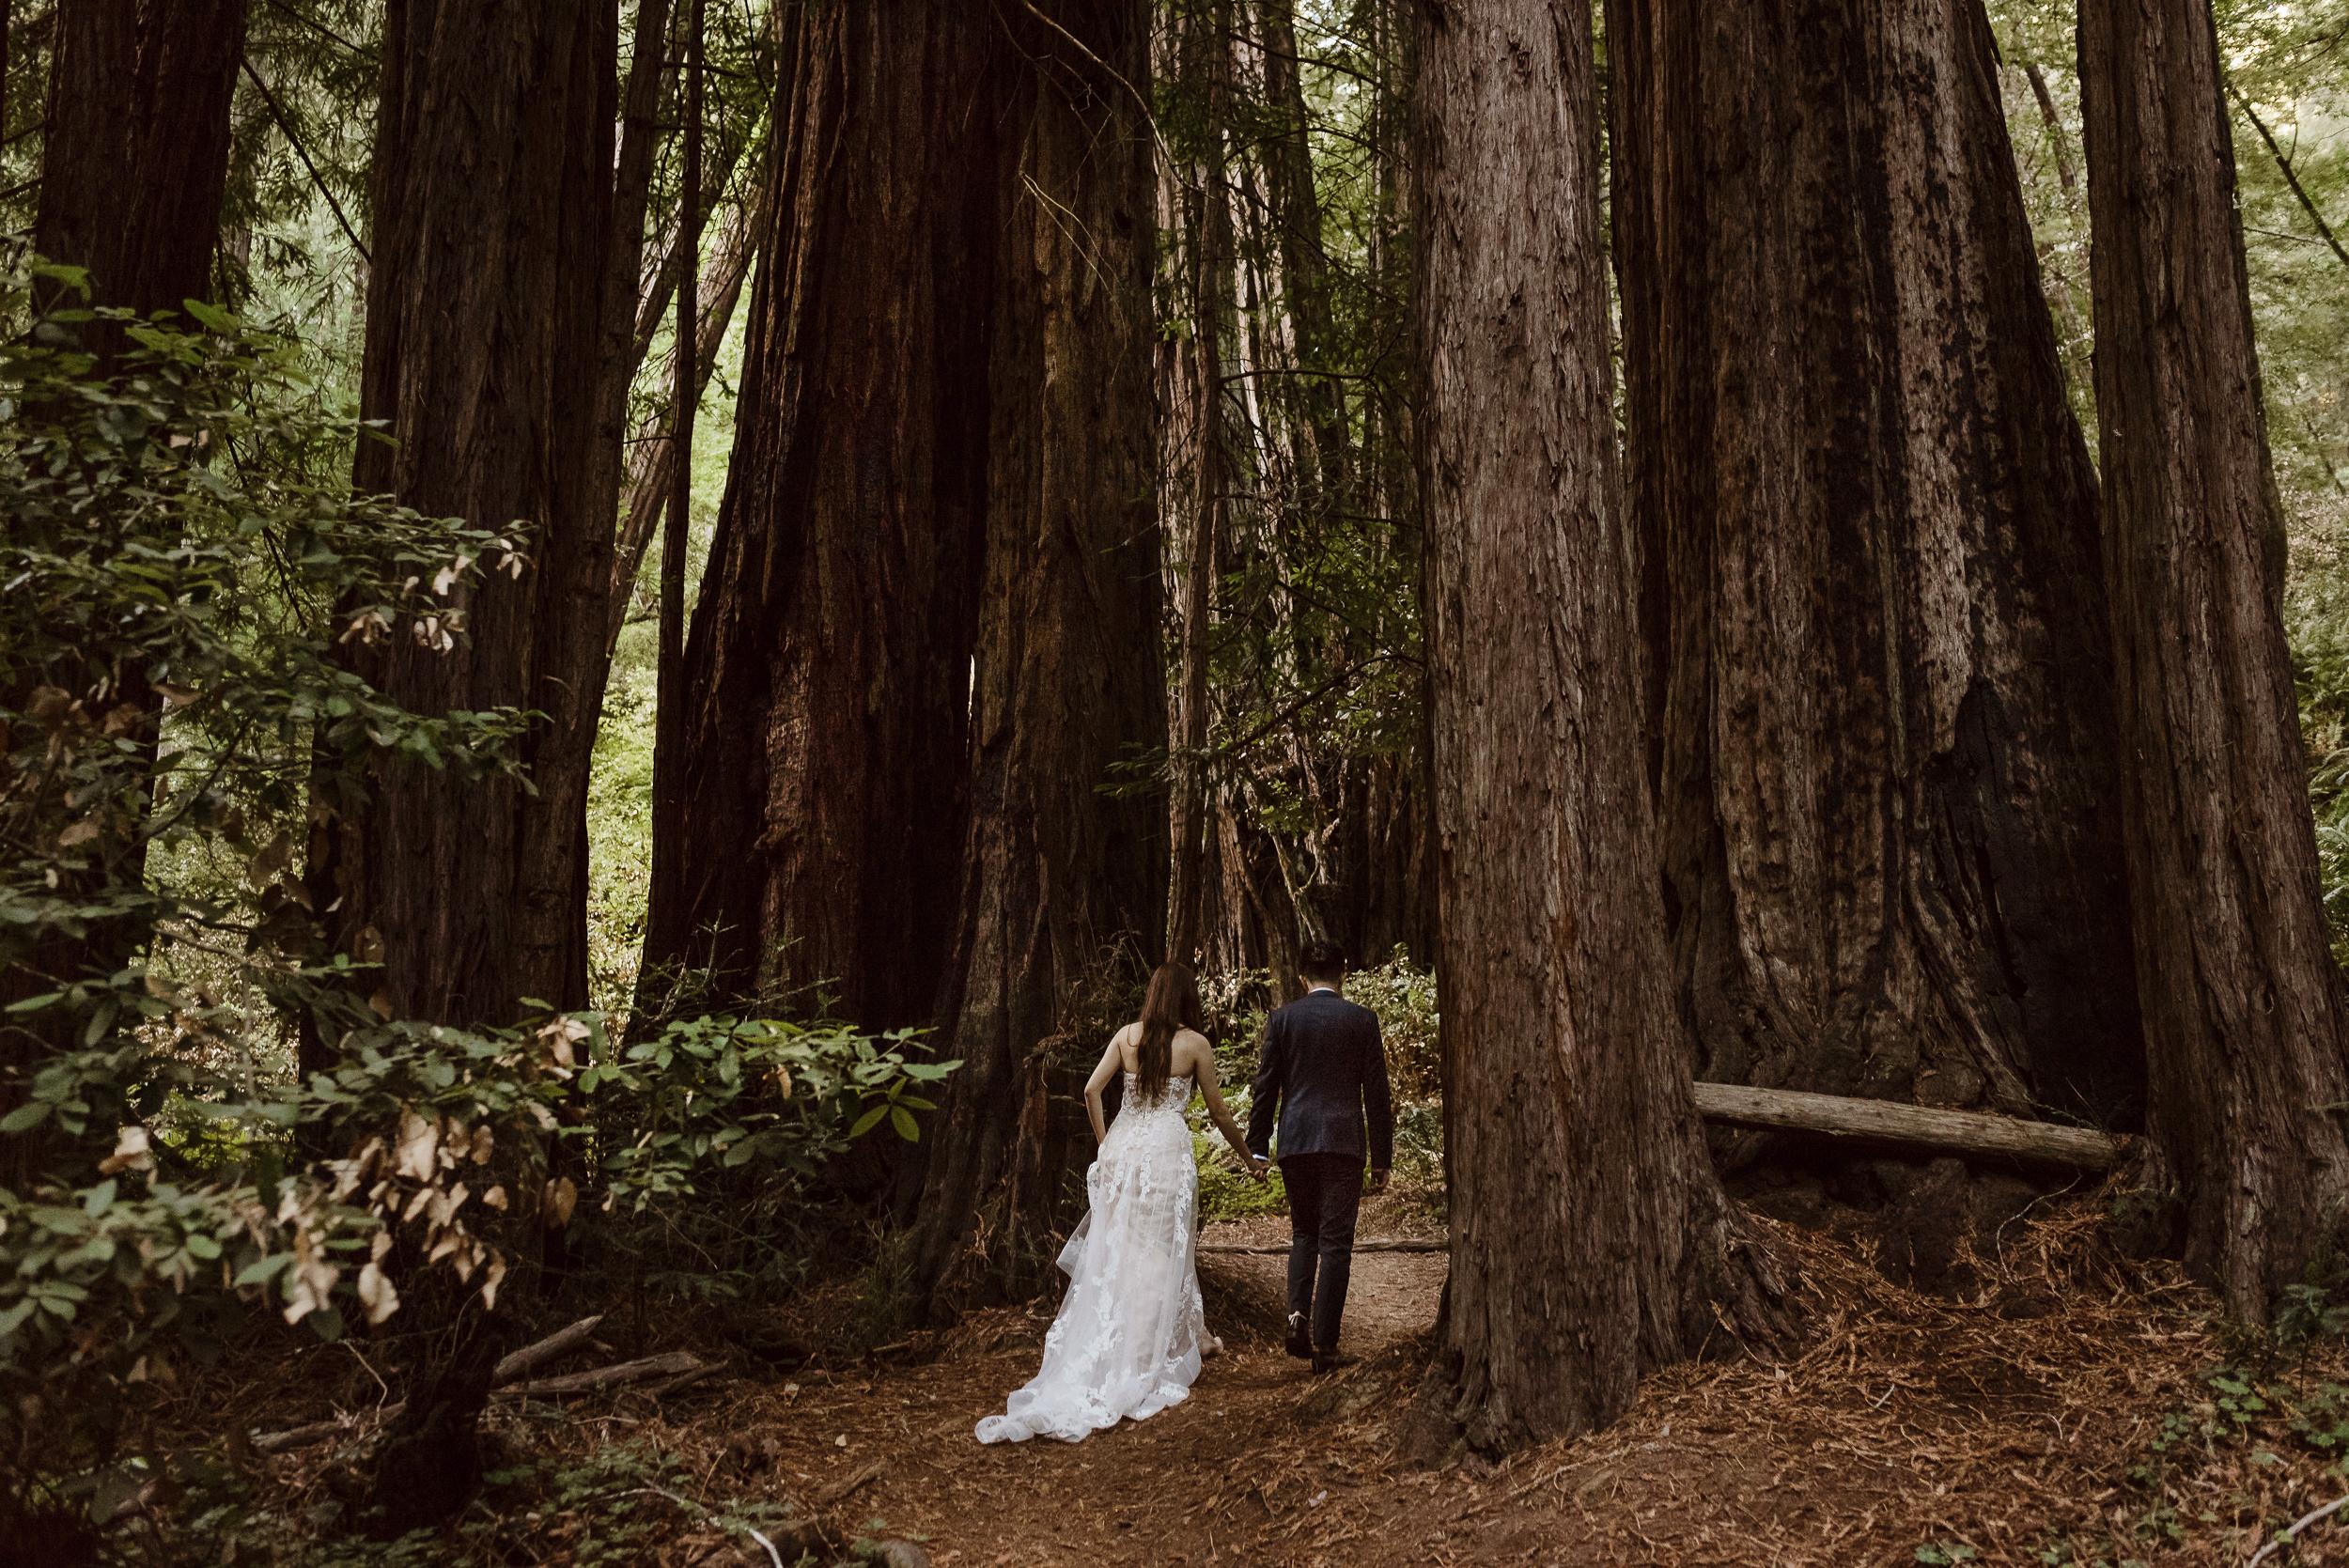 13-muir-woods-wedding-engagement-portrait-session-vivianchen-106.jpg